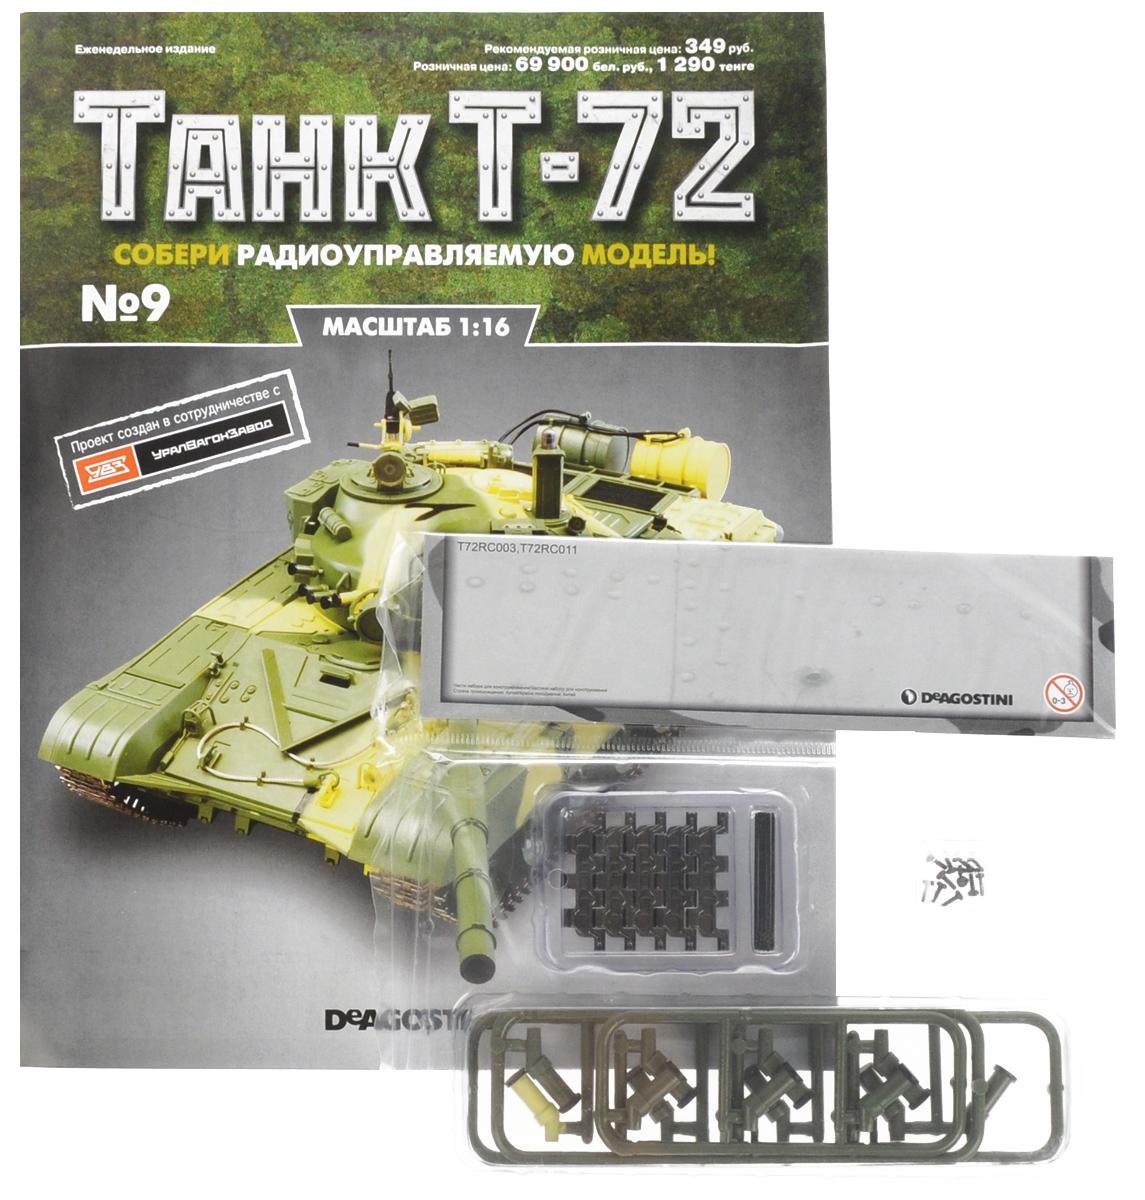 Журнал Танк Т-72 №9TRC009Перед вами - журнал из уникальной серии партворков Танк Т-72 с увлекательной информацией о легендарных боевых машинах и элементами для сборки копии танка Т-72 в уменьшенном варианте 1:16. У вас есть возможность собственноручно создать высококачественную модель этого знаменитого танка с достоверным воспроизведением всех элементов, сохранением функций подлинной боевой машины и дистанционным управлением. В комплекте детали, необходимые для продолжения сборки башни танка. Категория 16+.